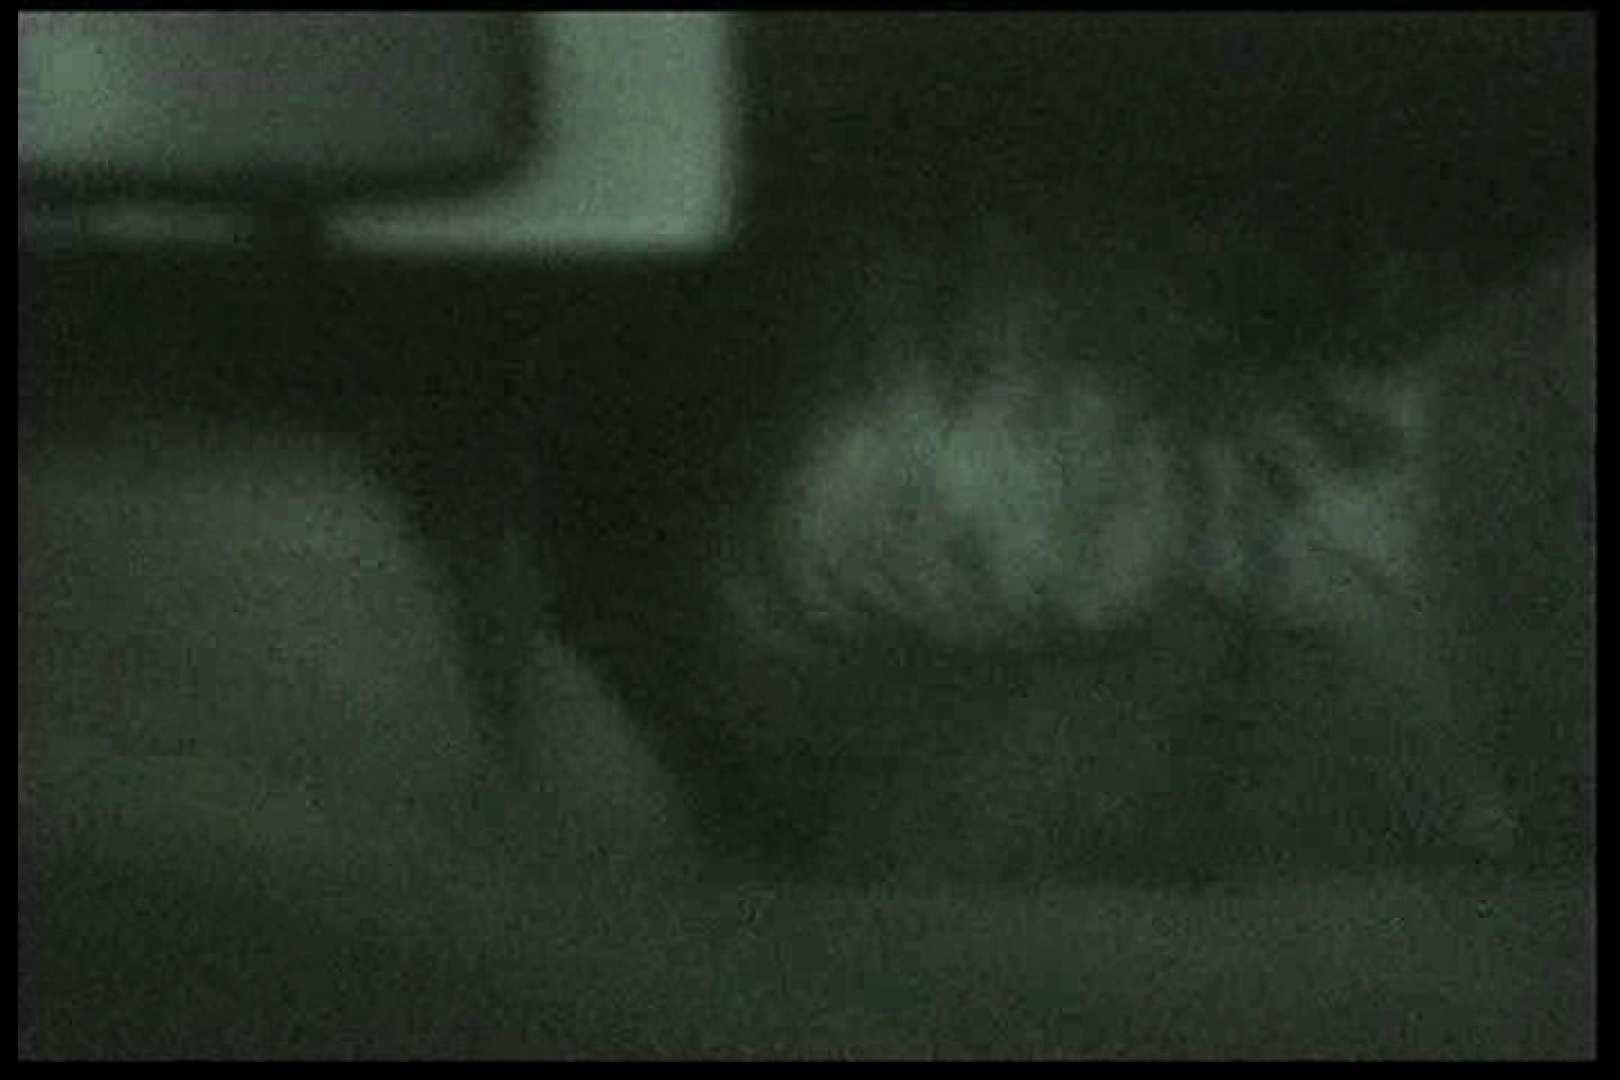 車の中はラブホテル 無修正版  Vol.13 車の中のカップル 盗み撮り動画 64画像 39